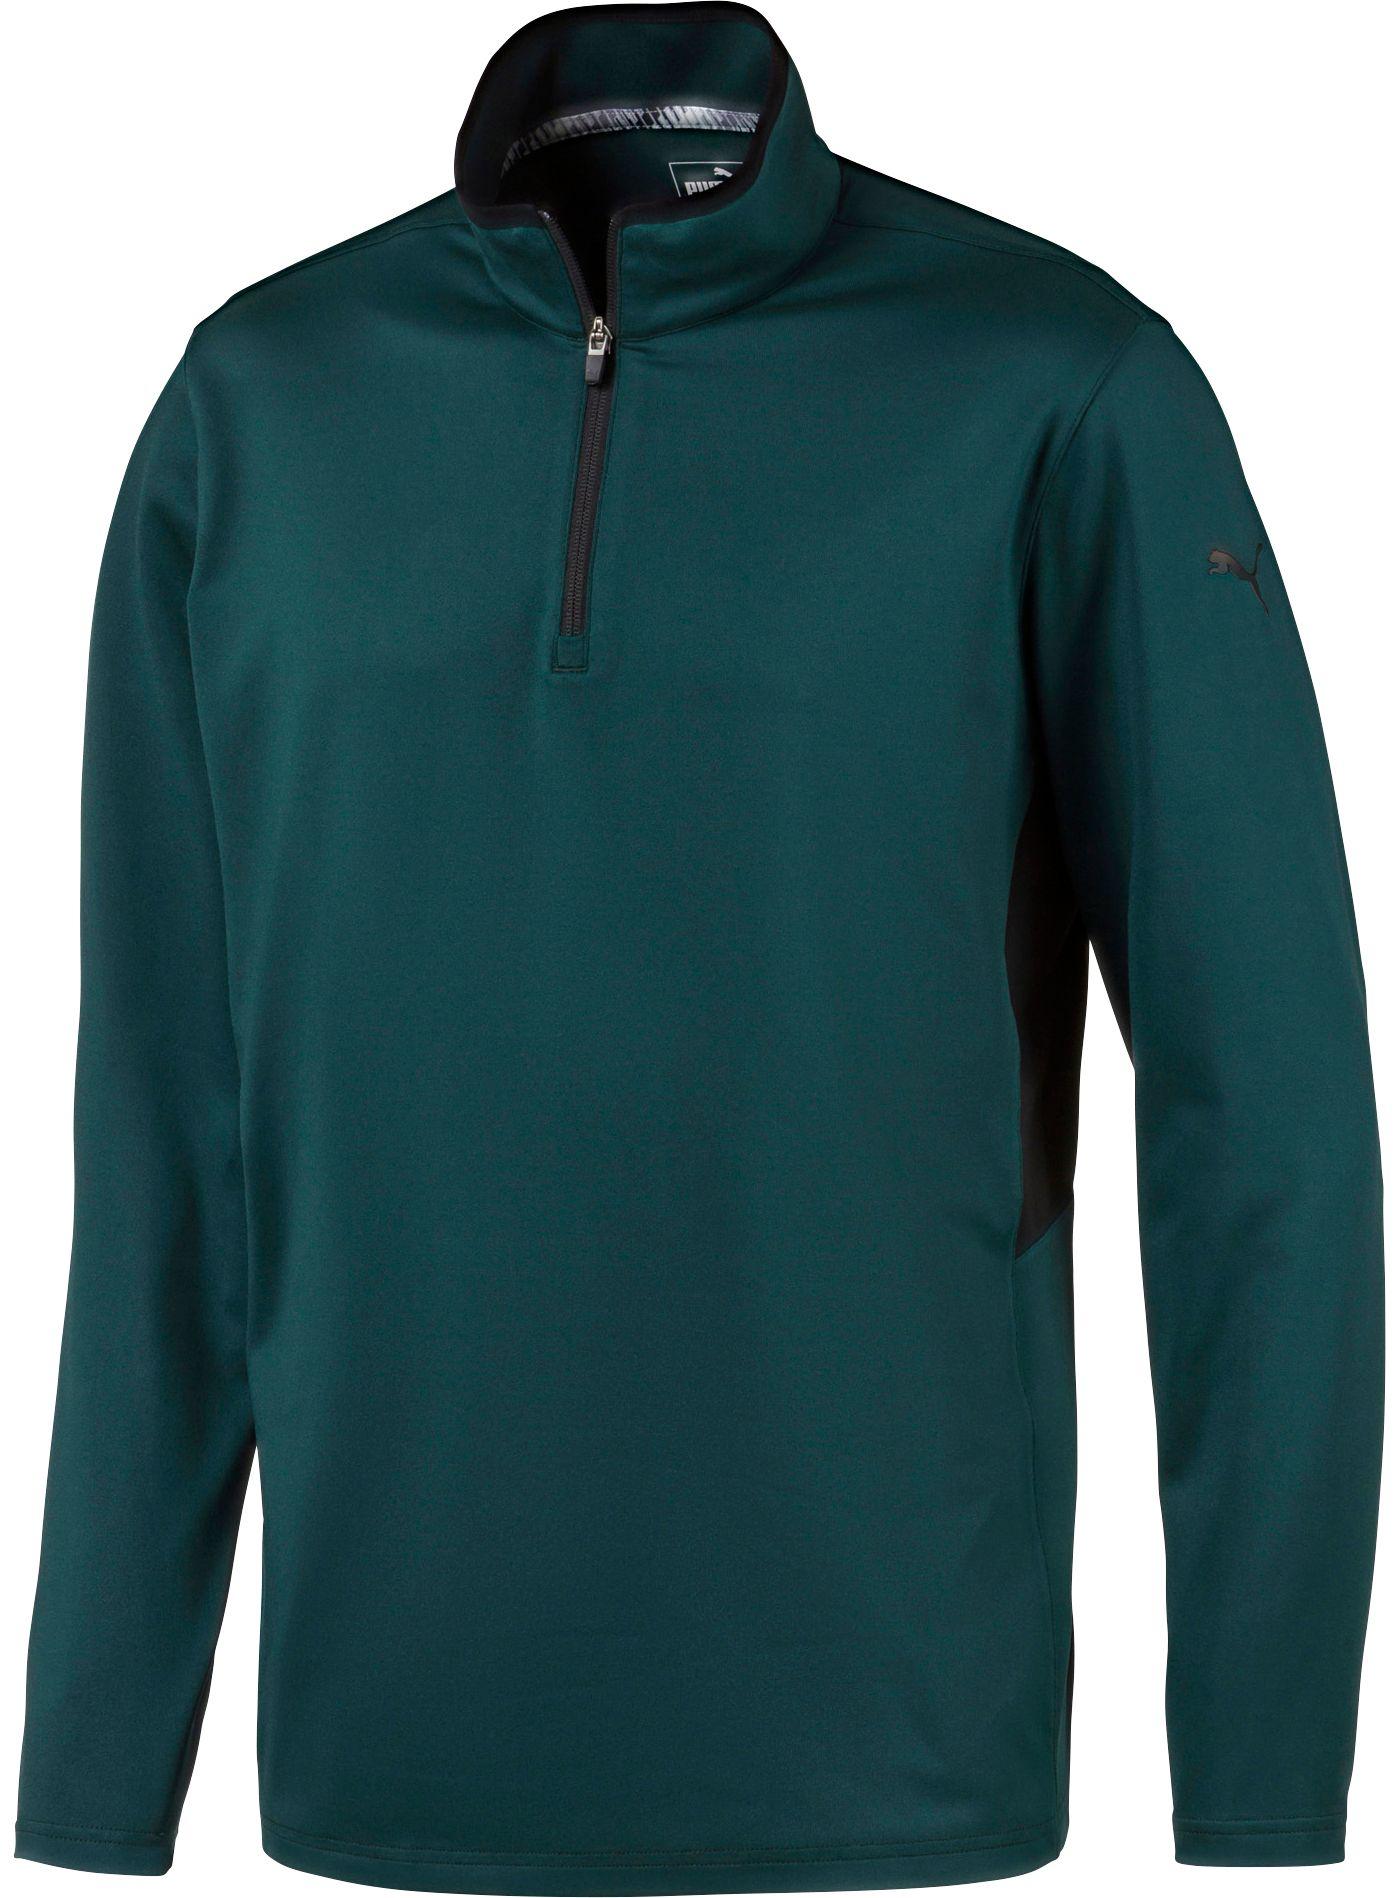 PUMA Men's Rotation ¼ Zip Golf Pullover